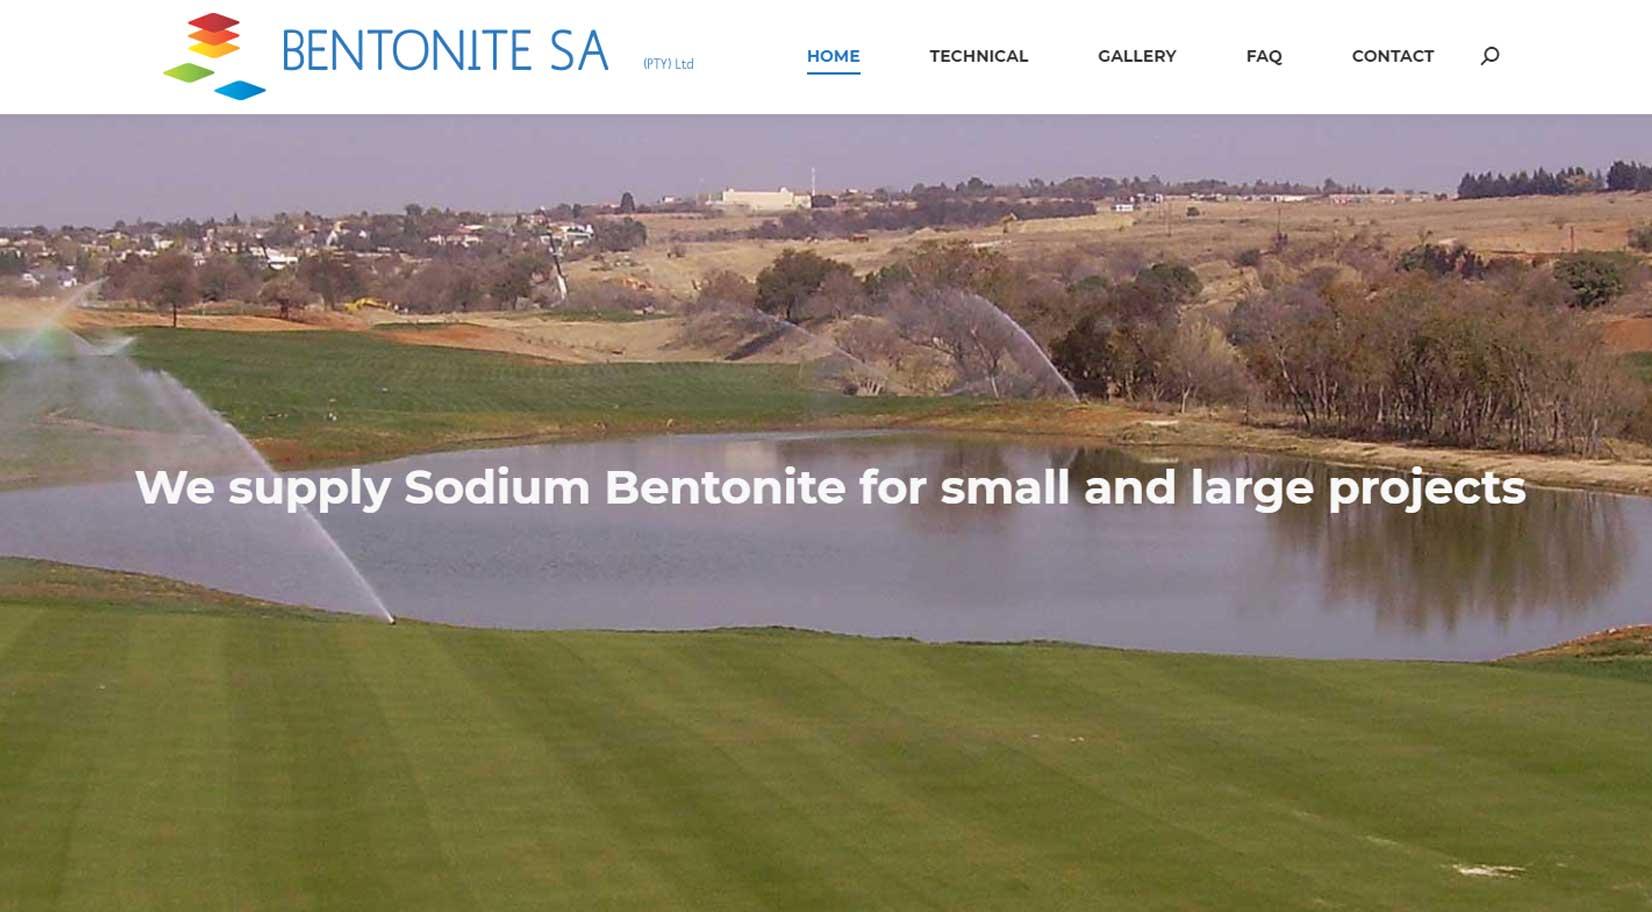 Bentonite SA